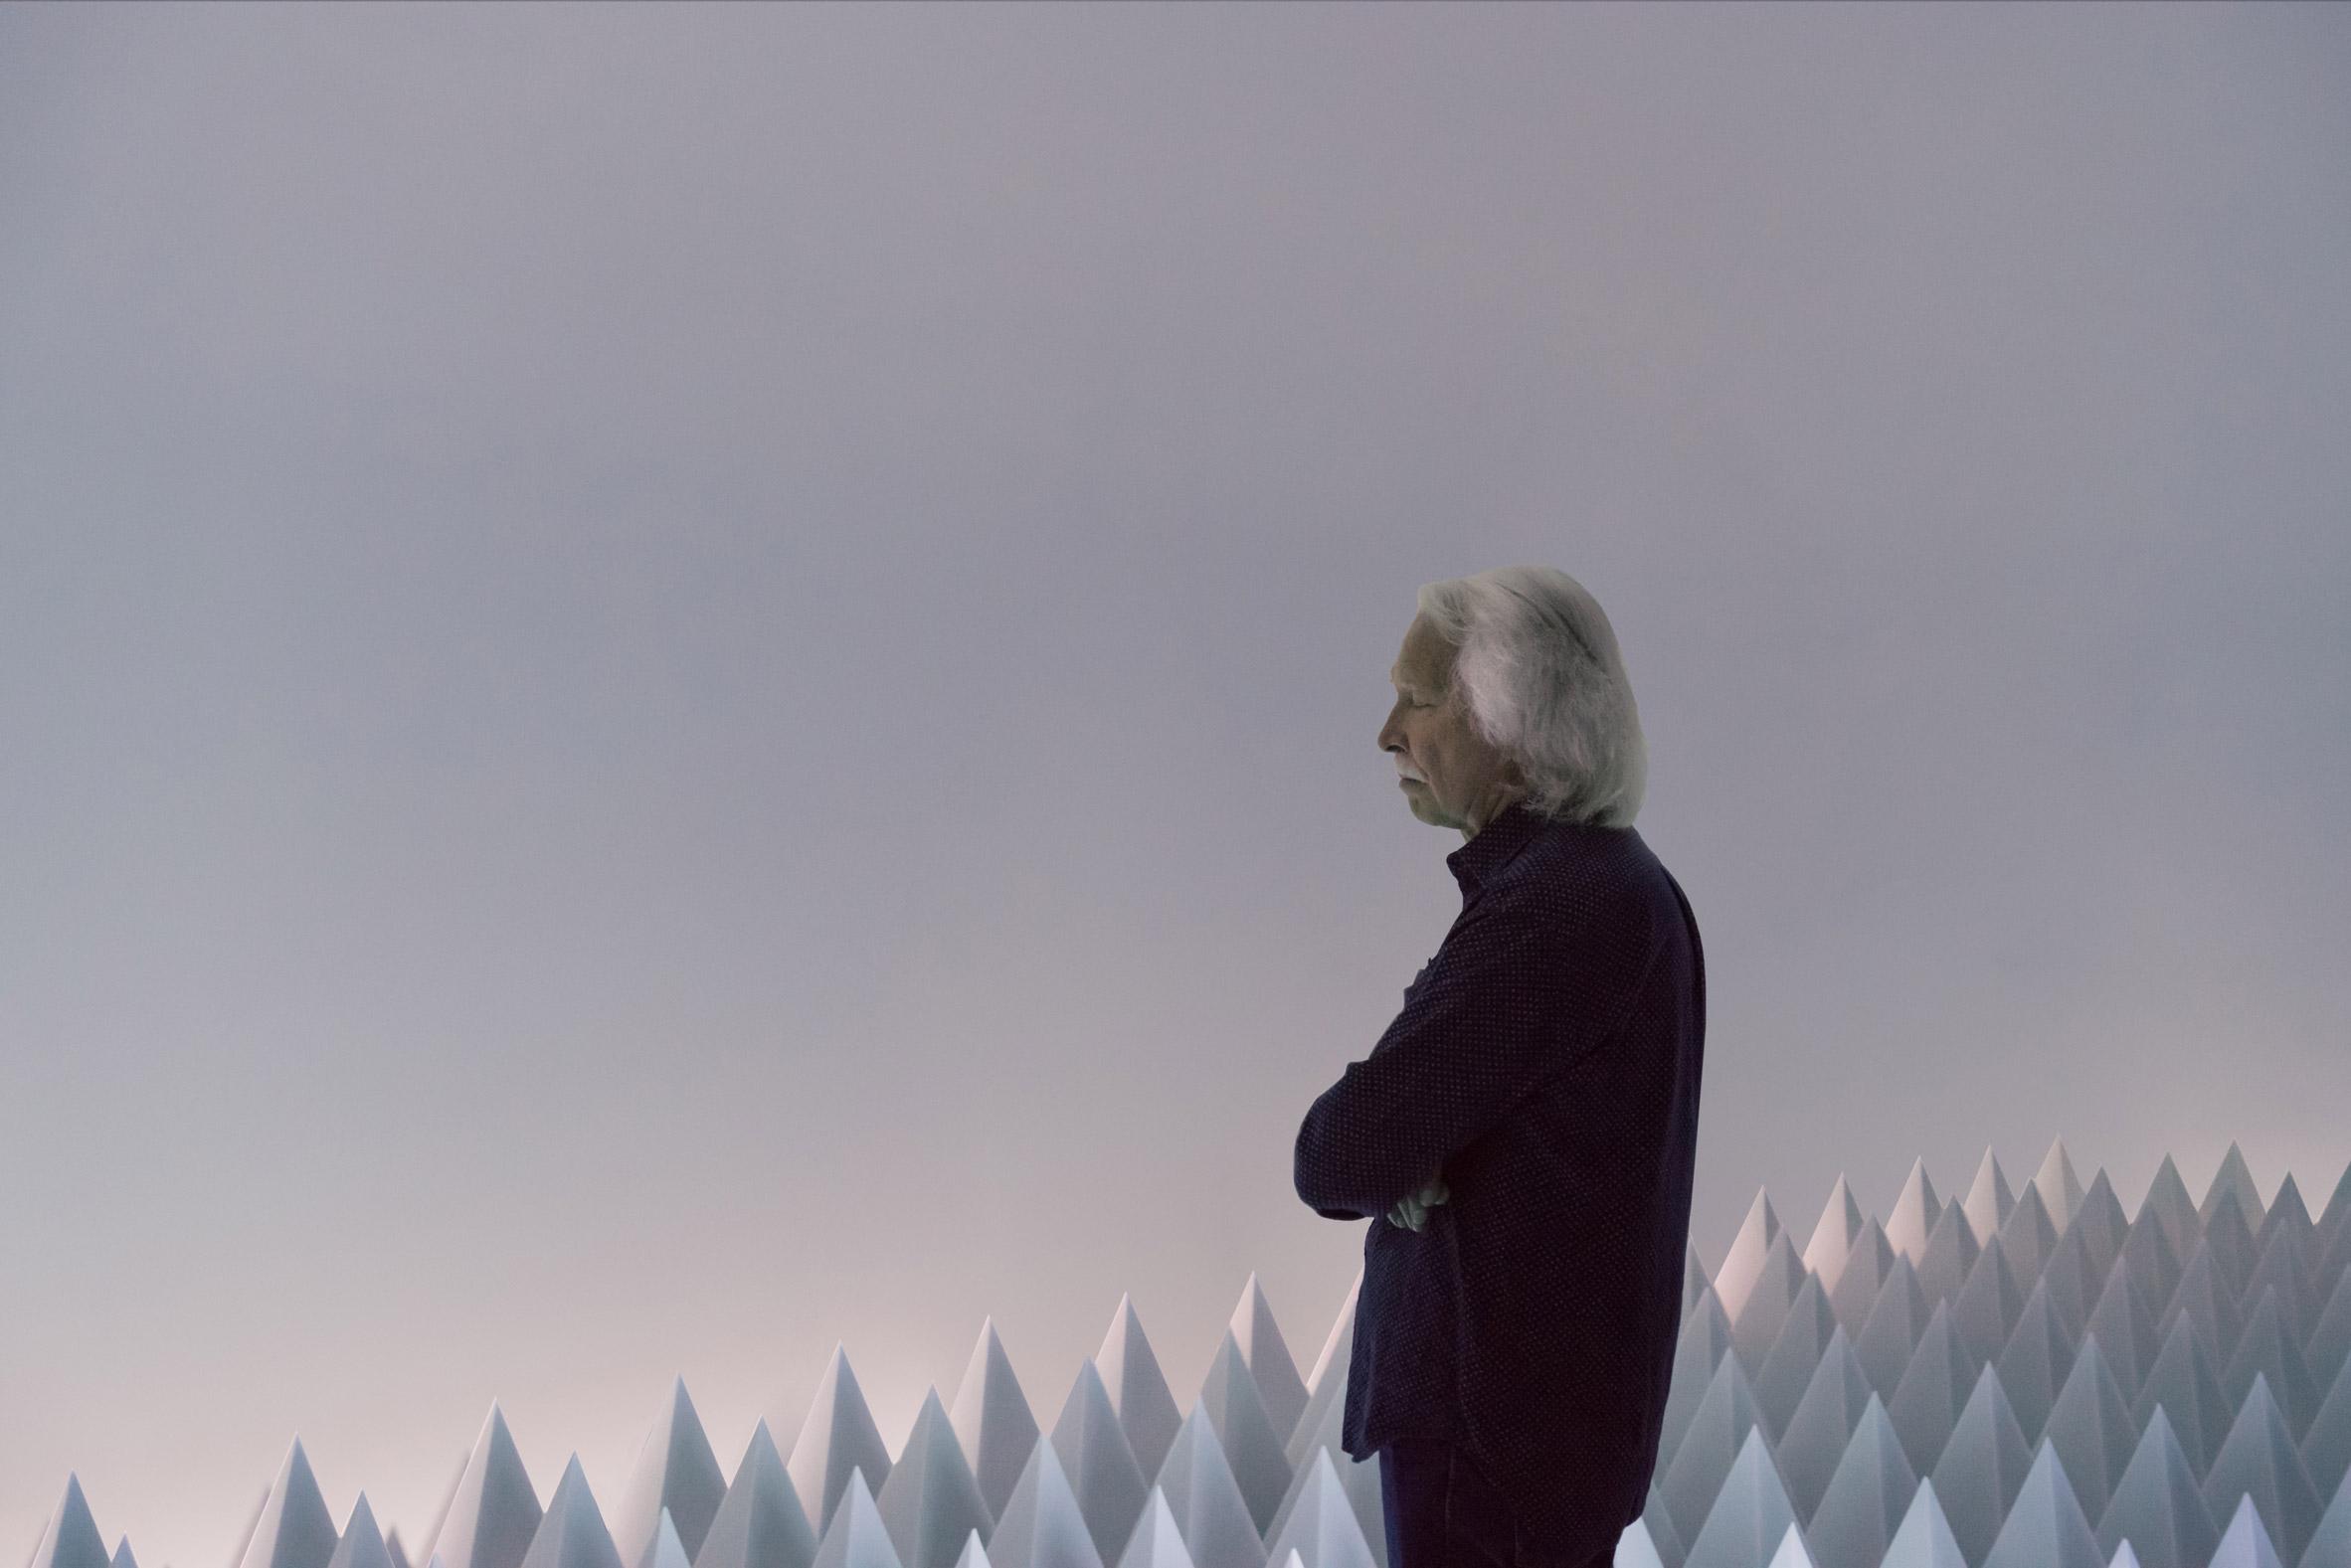 Doug Wheeler installs spiky-floored Synthetic Desert at New York's Guggenheim Museum